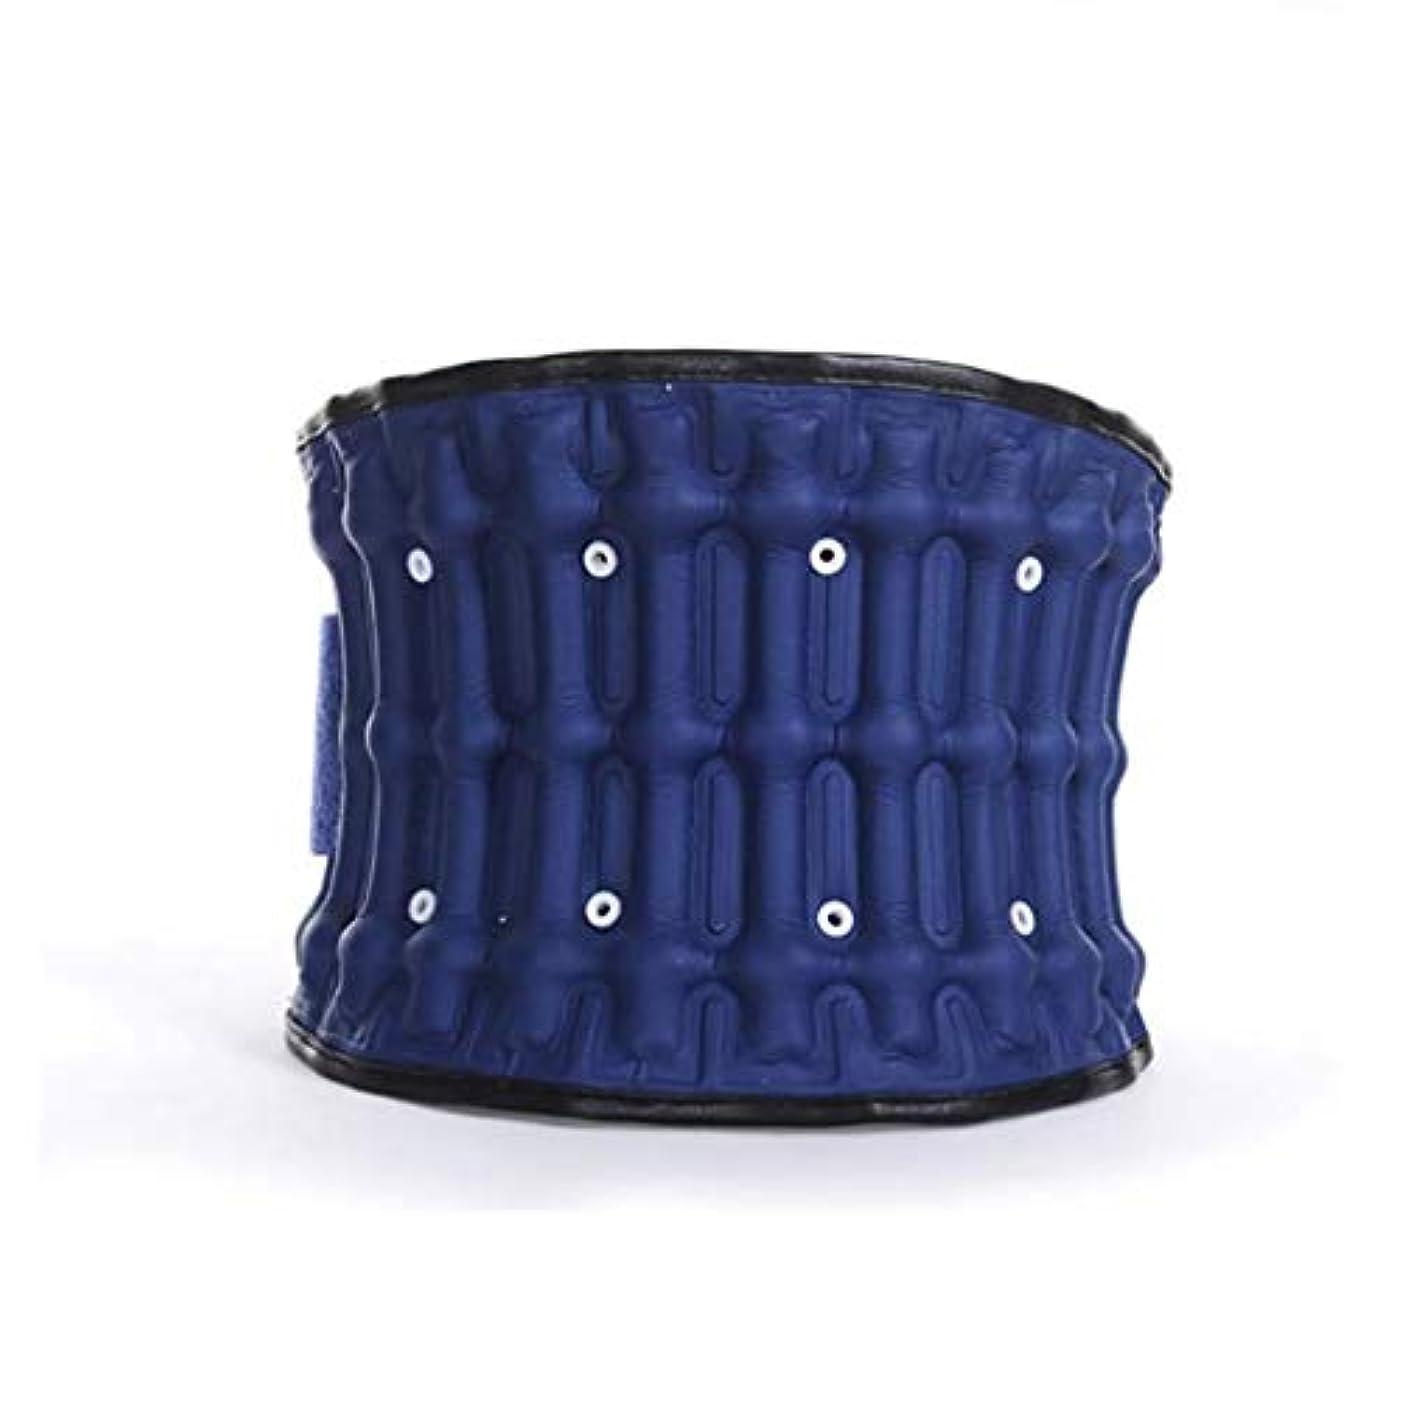 処方するスリラーブームウエスト/腰暖かいベルト、携帯用バックサポートベルト、ワーキング/スポーツ/フィットネスのために適切な弾性シェーピングスリミングスポーツベルト、痛みを緩和、防止けが